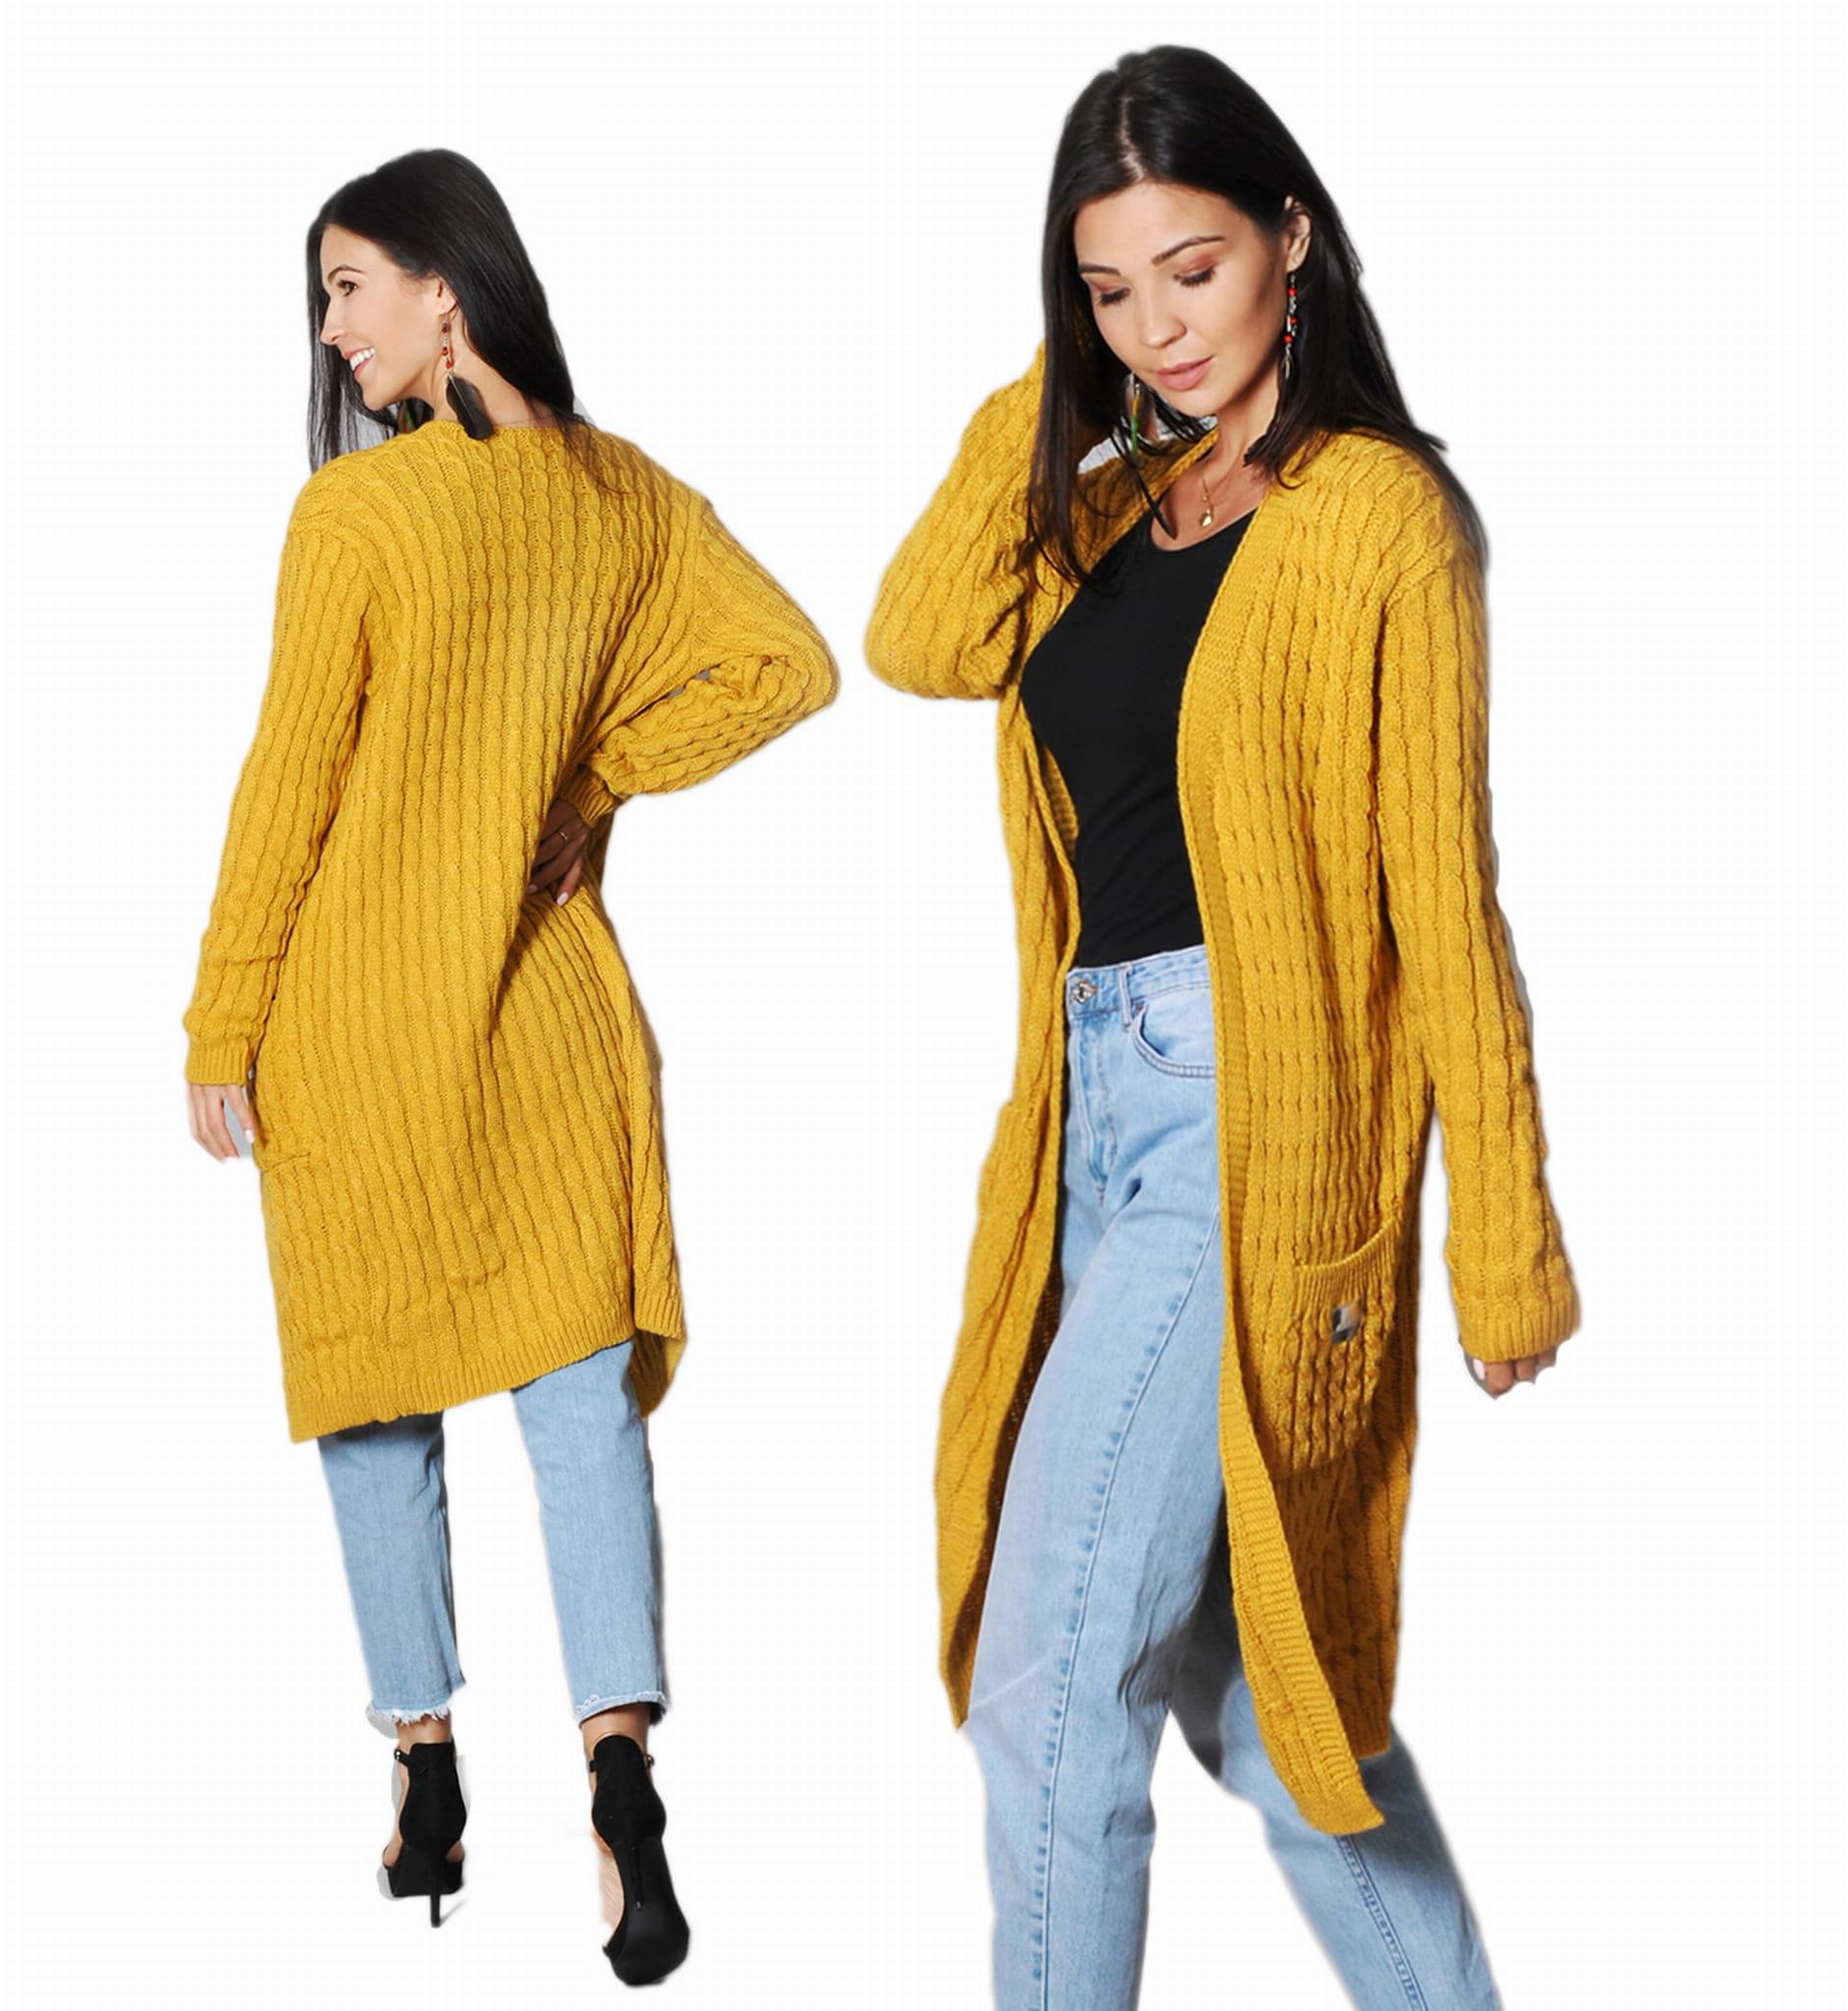 Swetry damskie i długie kardigany. Ciepłe i stylowe – sklep